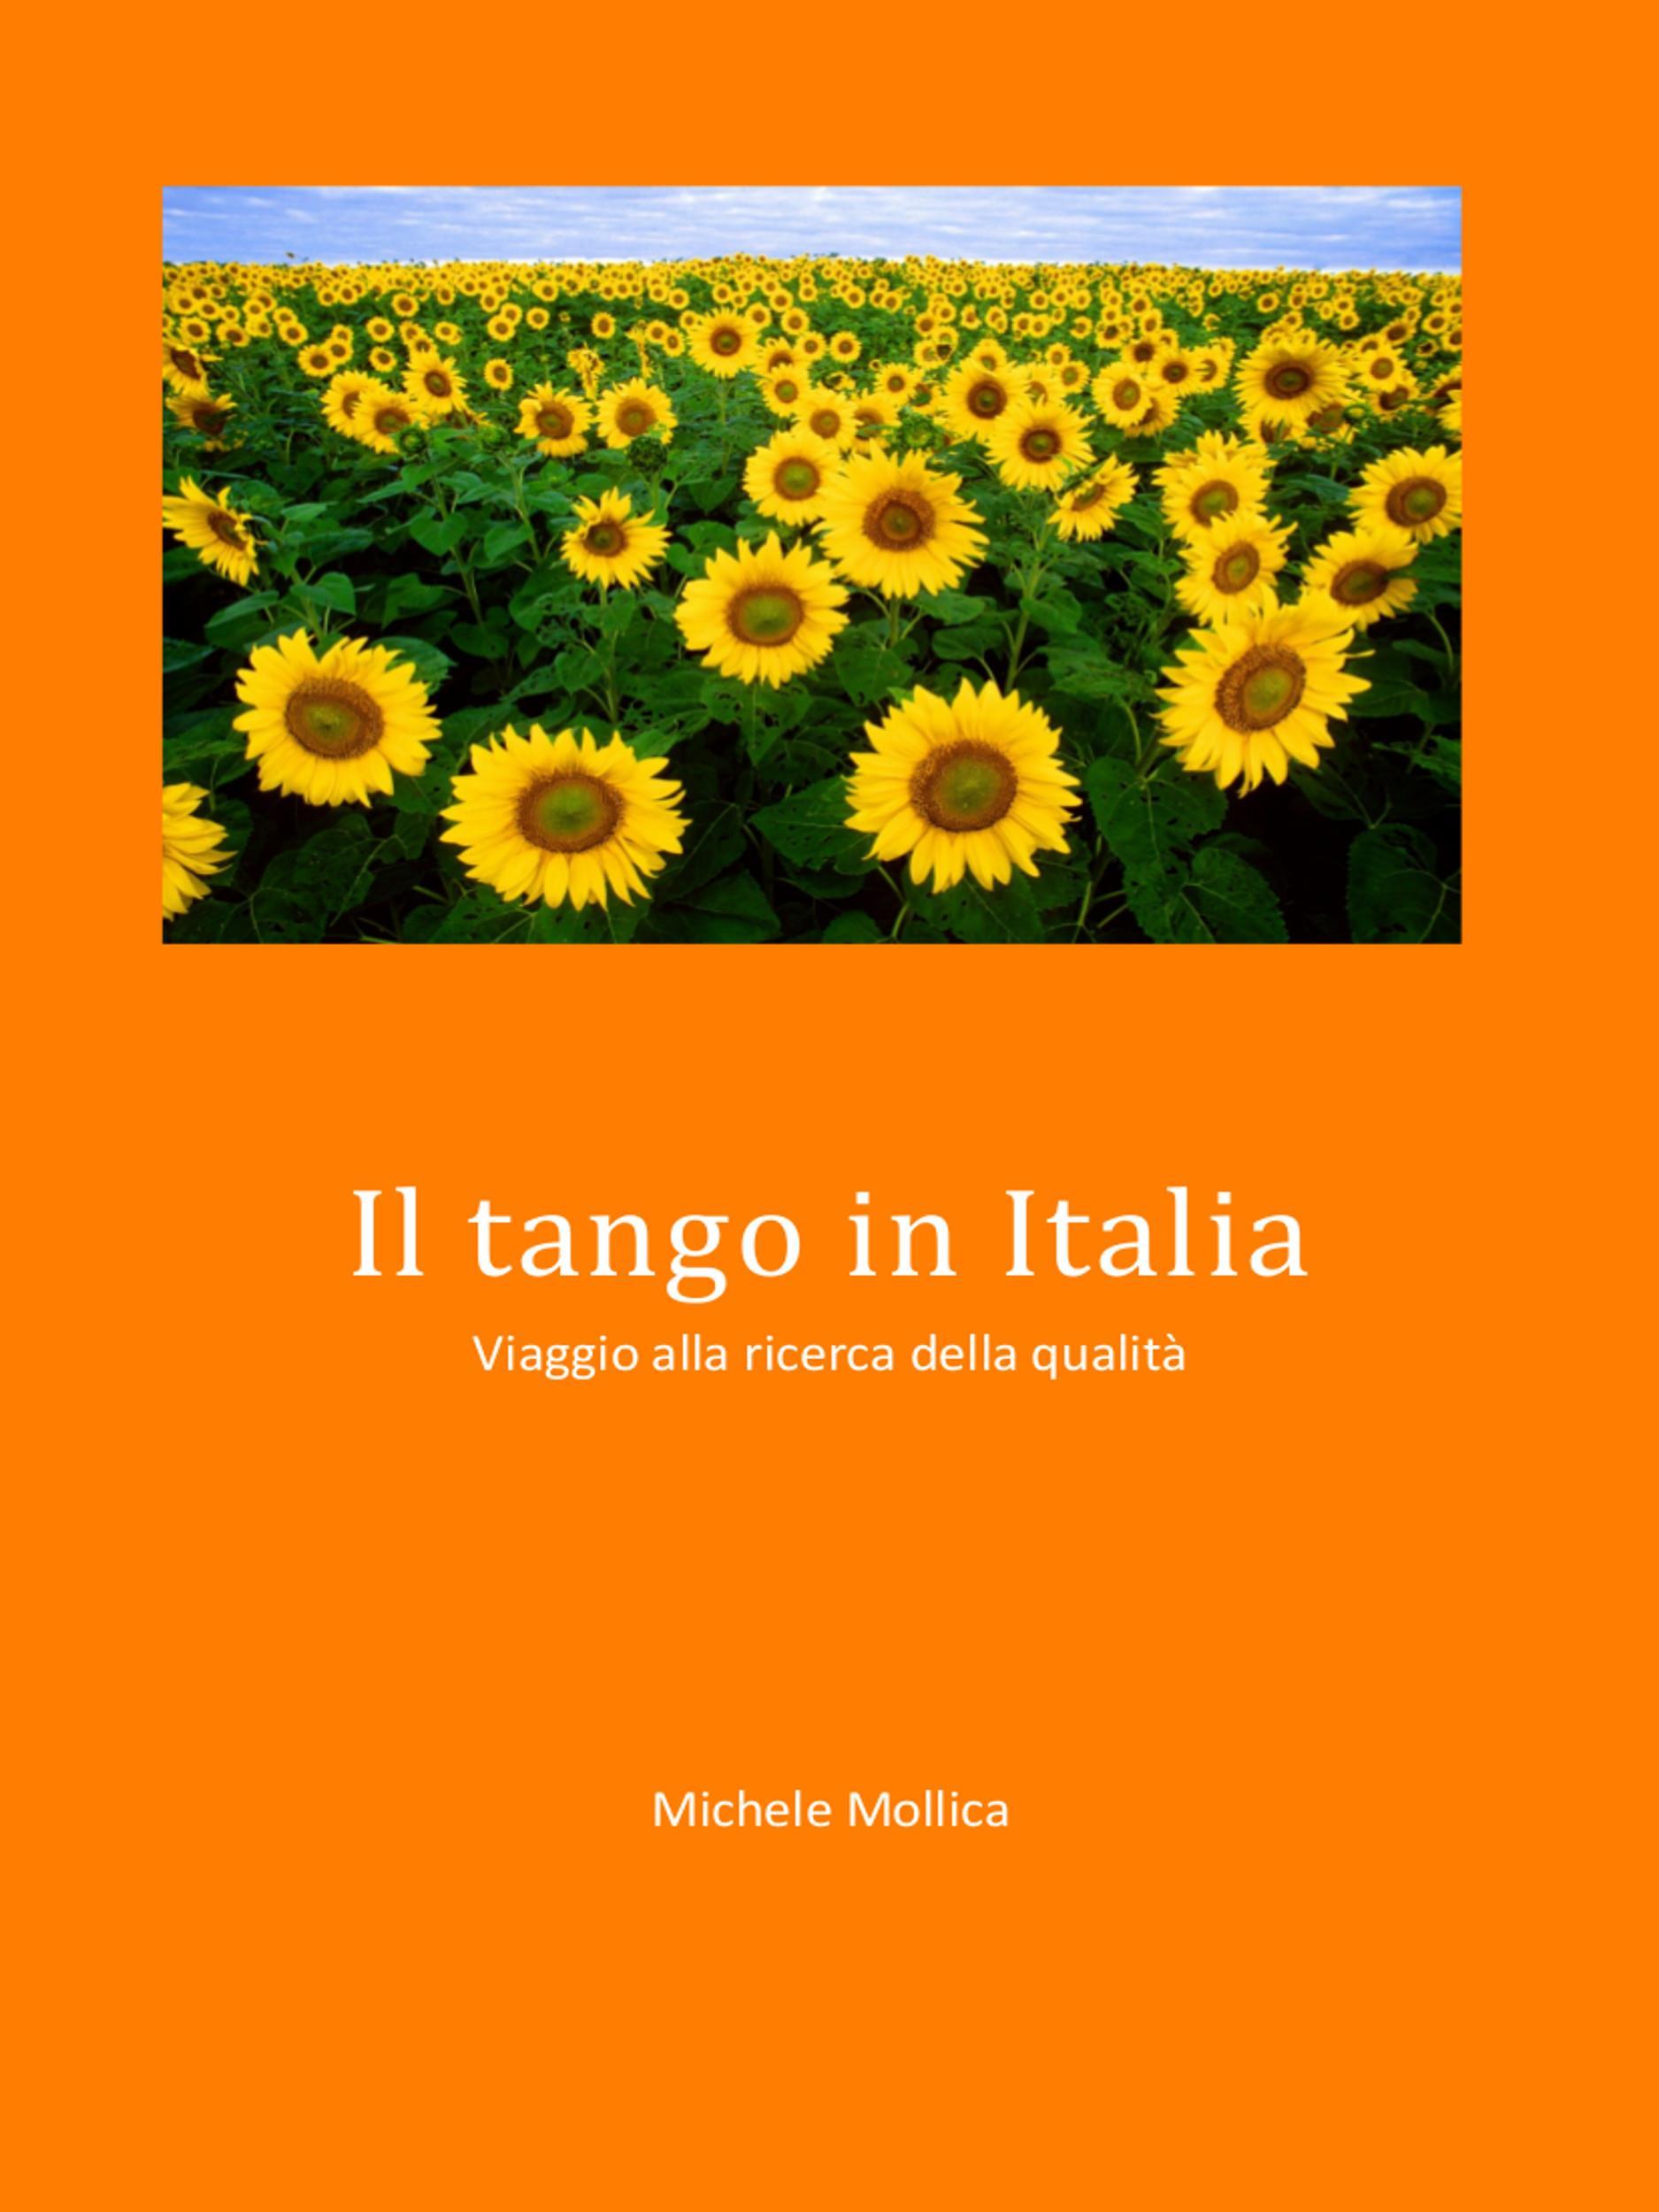 Il tango in Italia - Viaggio alla ricerca della qualità